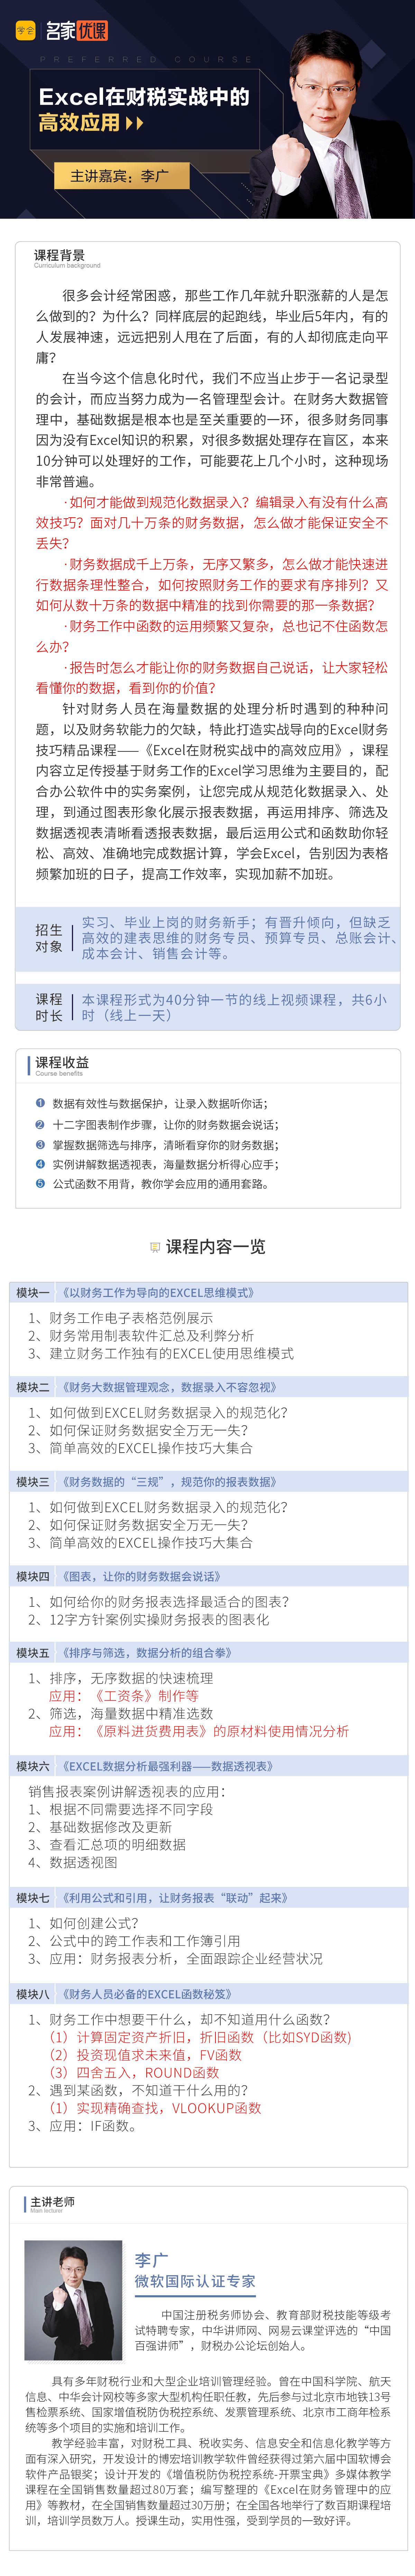 名师优课课程详情页和头图设计--单号1200-434531-内容支撑团队(1).jpg